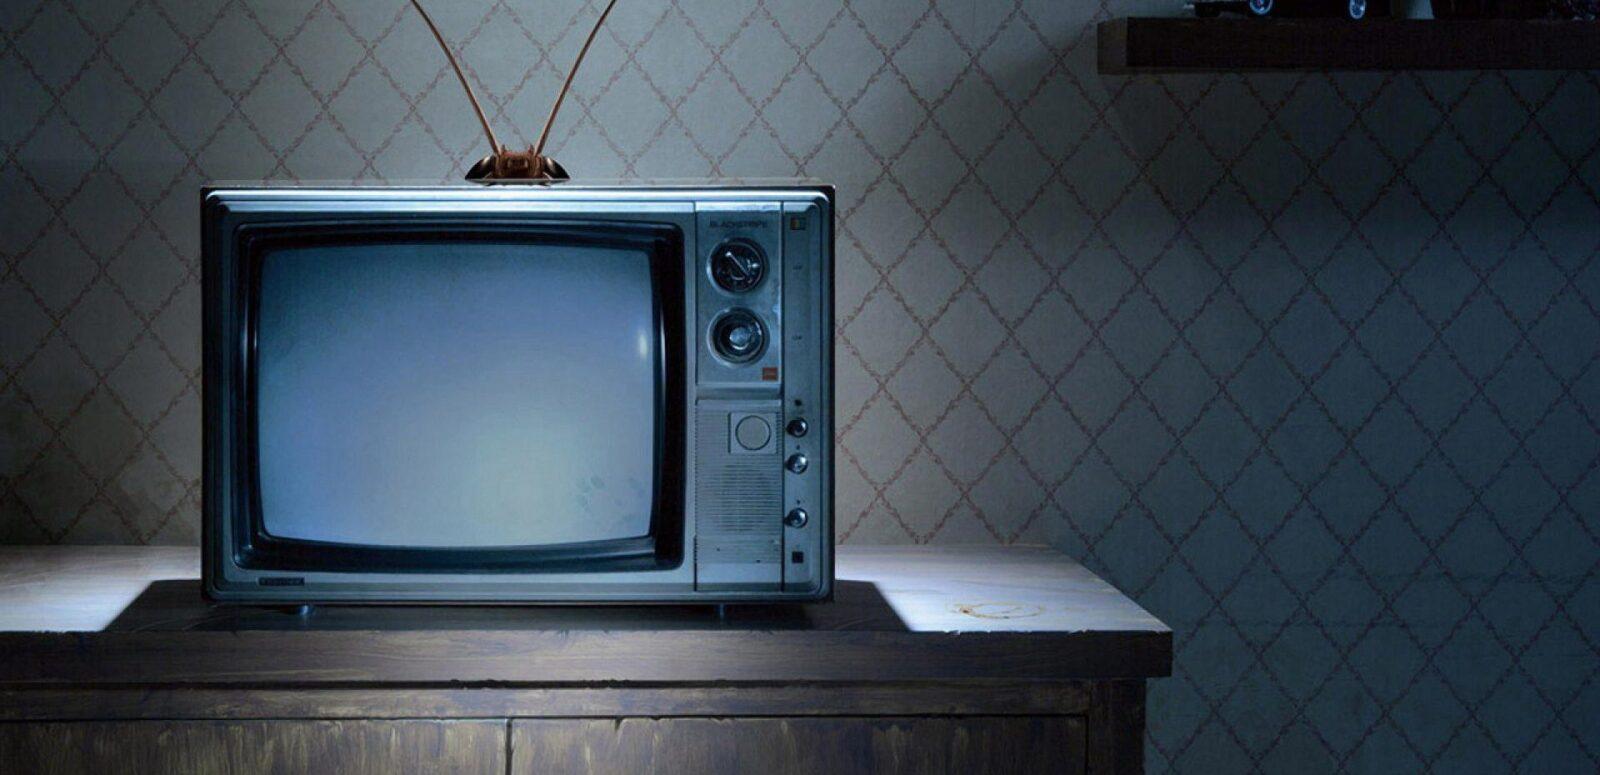 Пьяного жителя Тверской области за кражу телевизора ждёт колония строгого режима